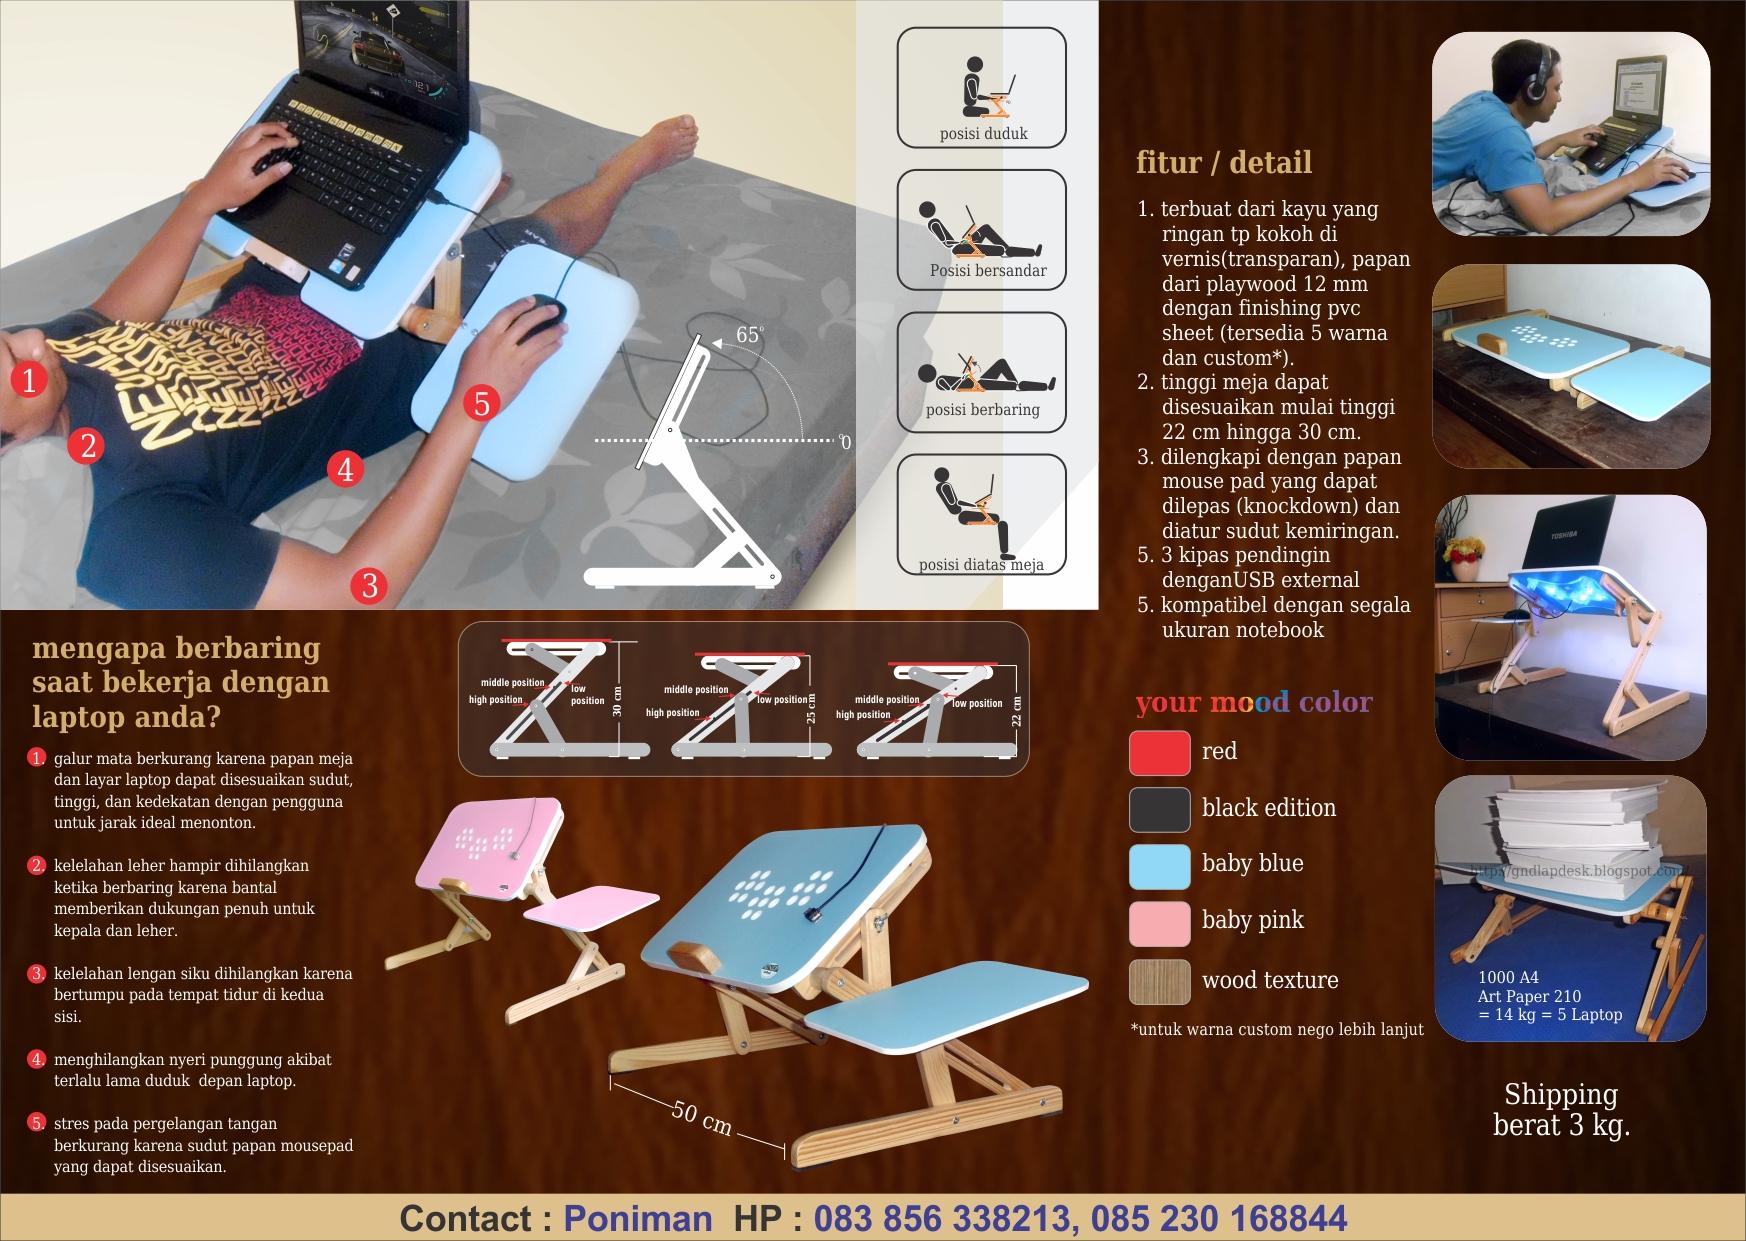 Meja Laptop Mangga Dua 083856338213 Murah Portable Distributor Jual Toko Reseller